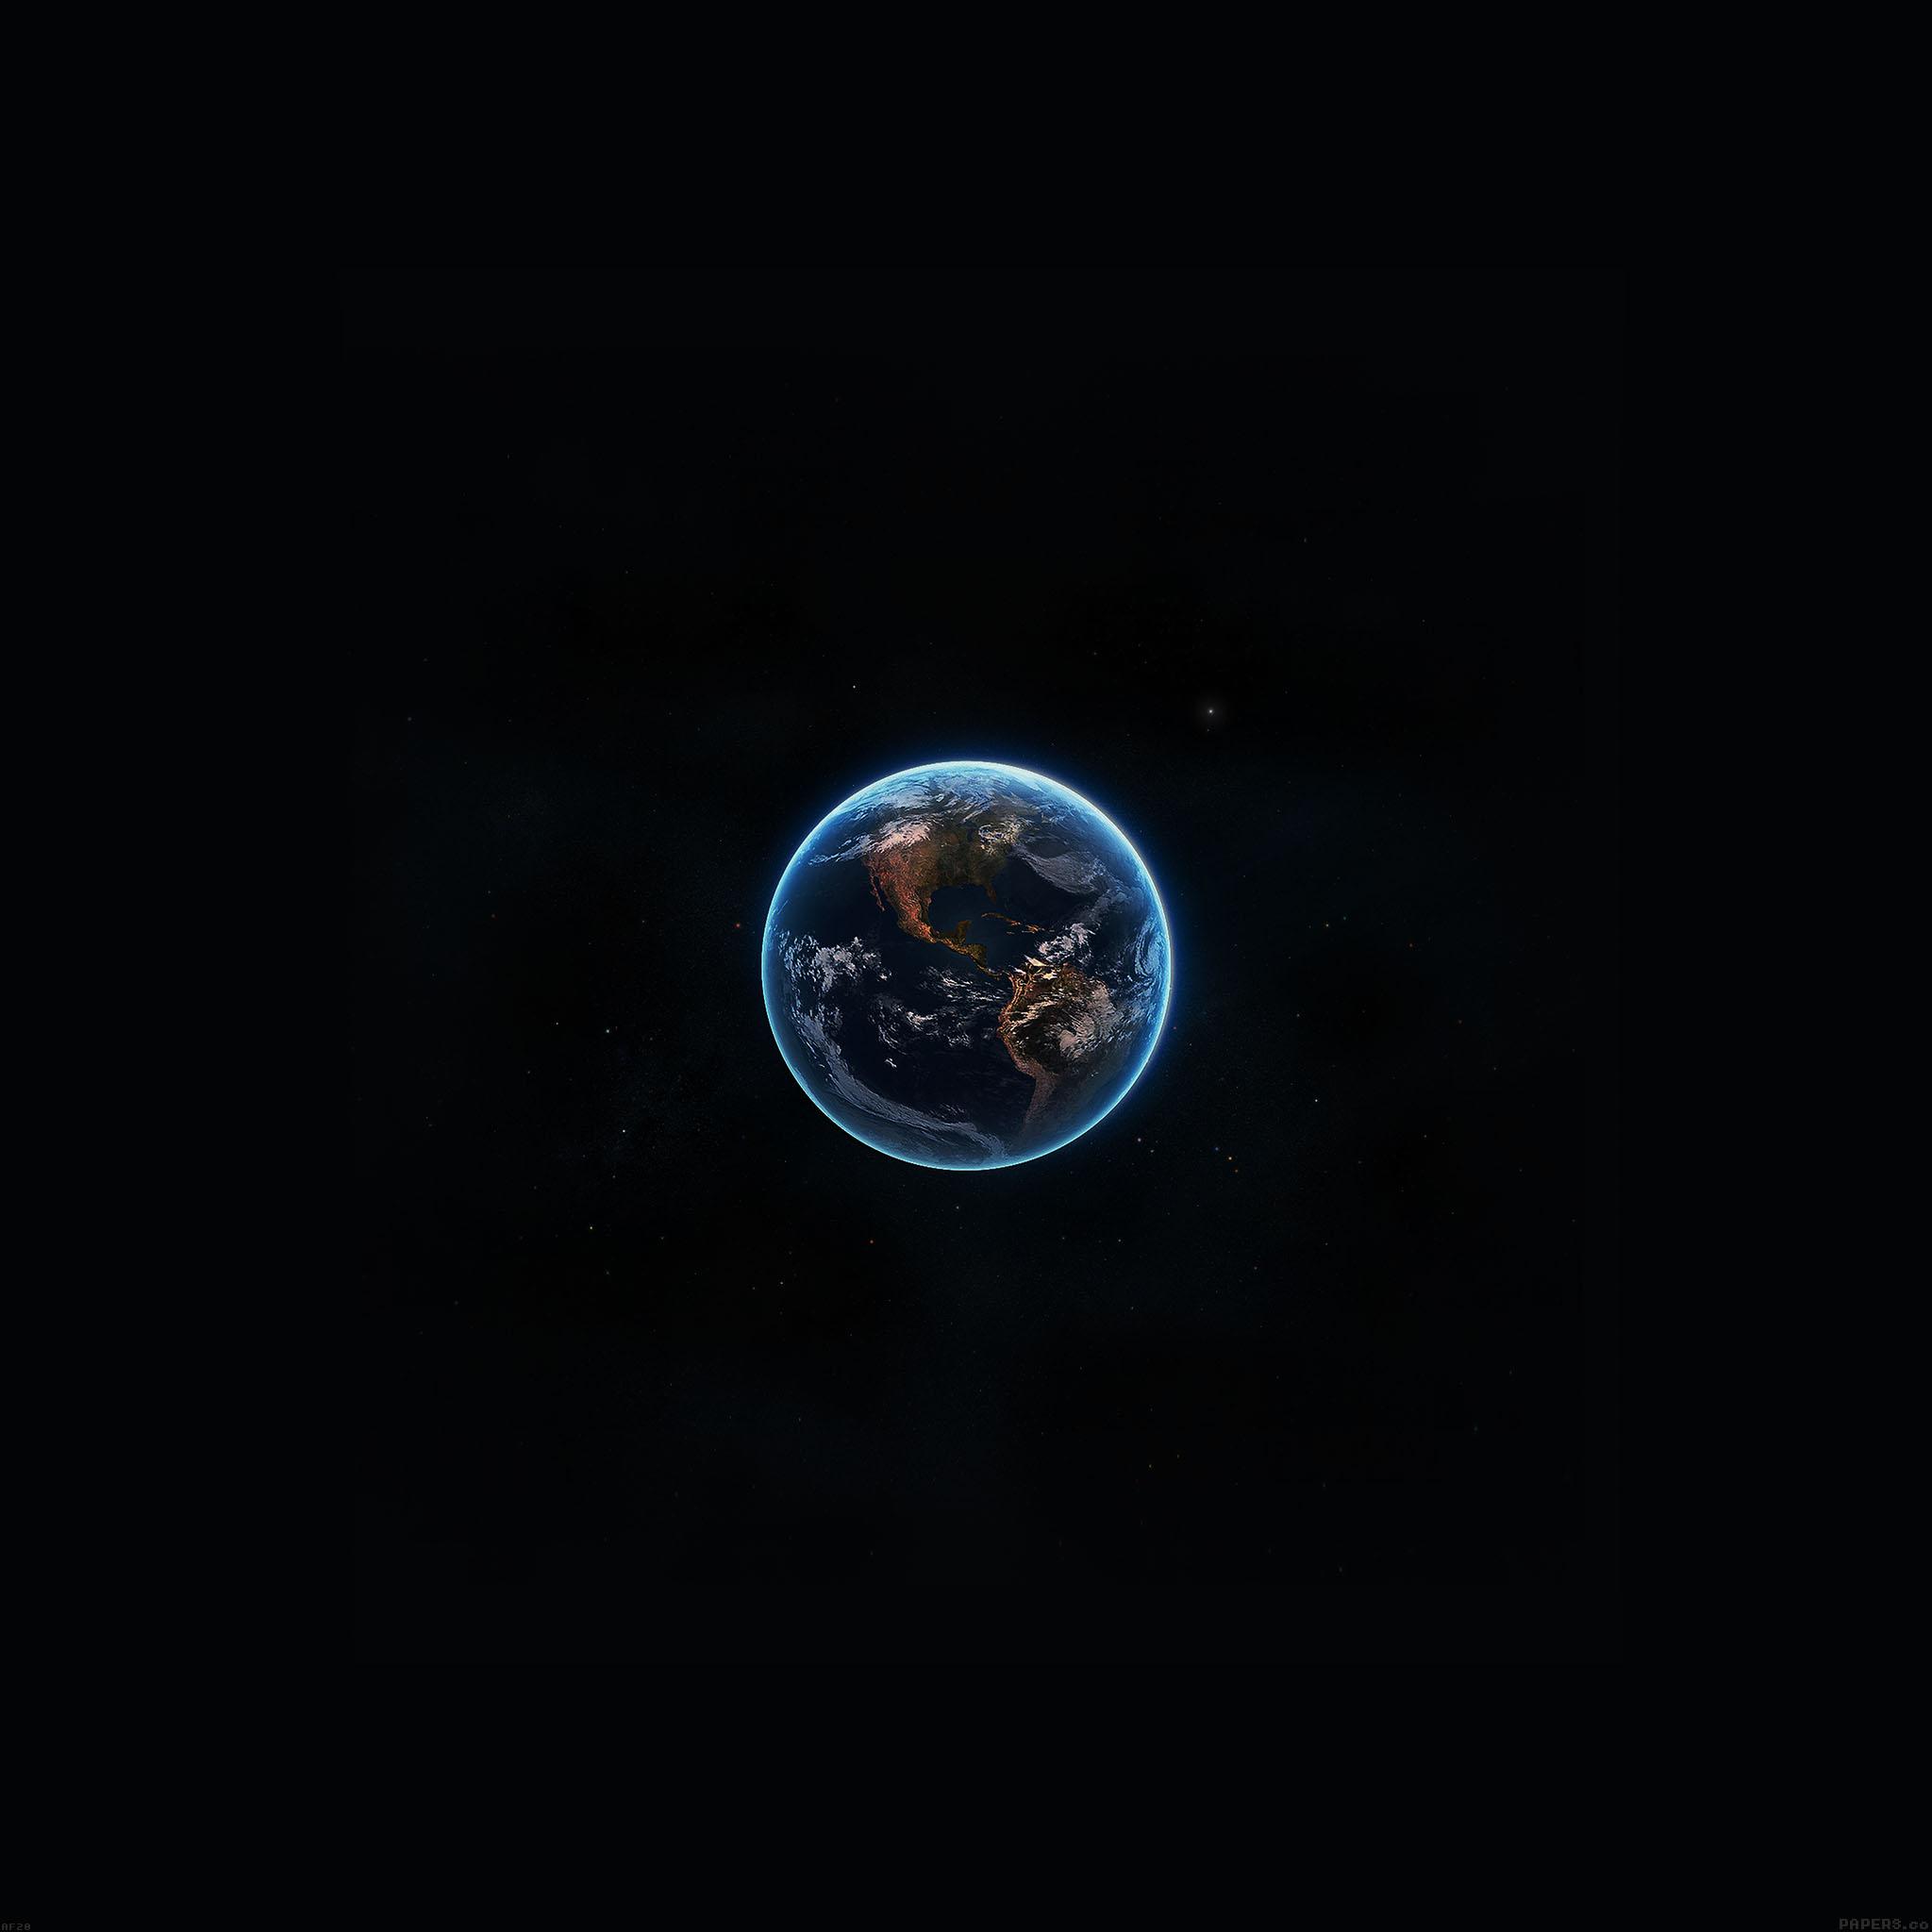 Desktop Wallpaper Earth From Space: IPad